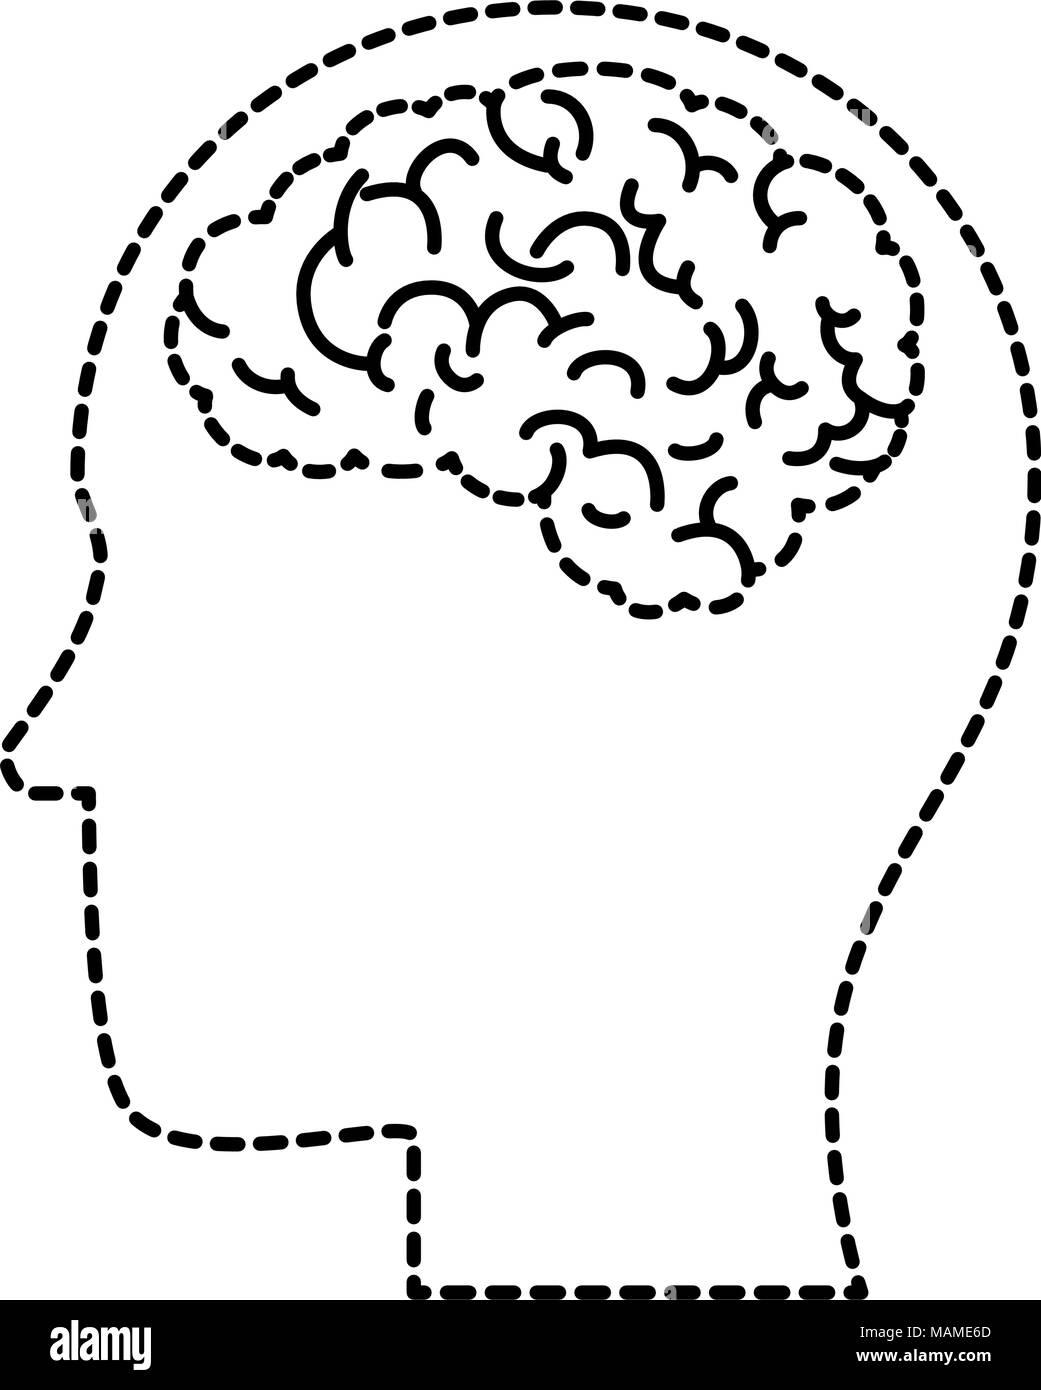 Profil mit Gehirn Organ des Menschen Symbol Vektor Abbildung - Bild ...